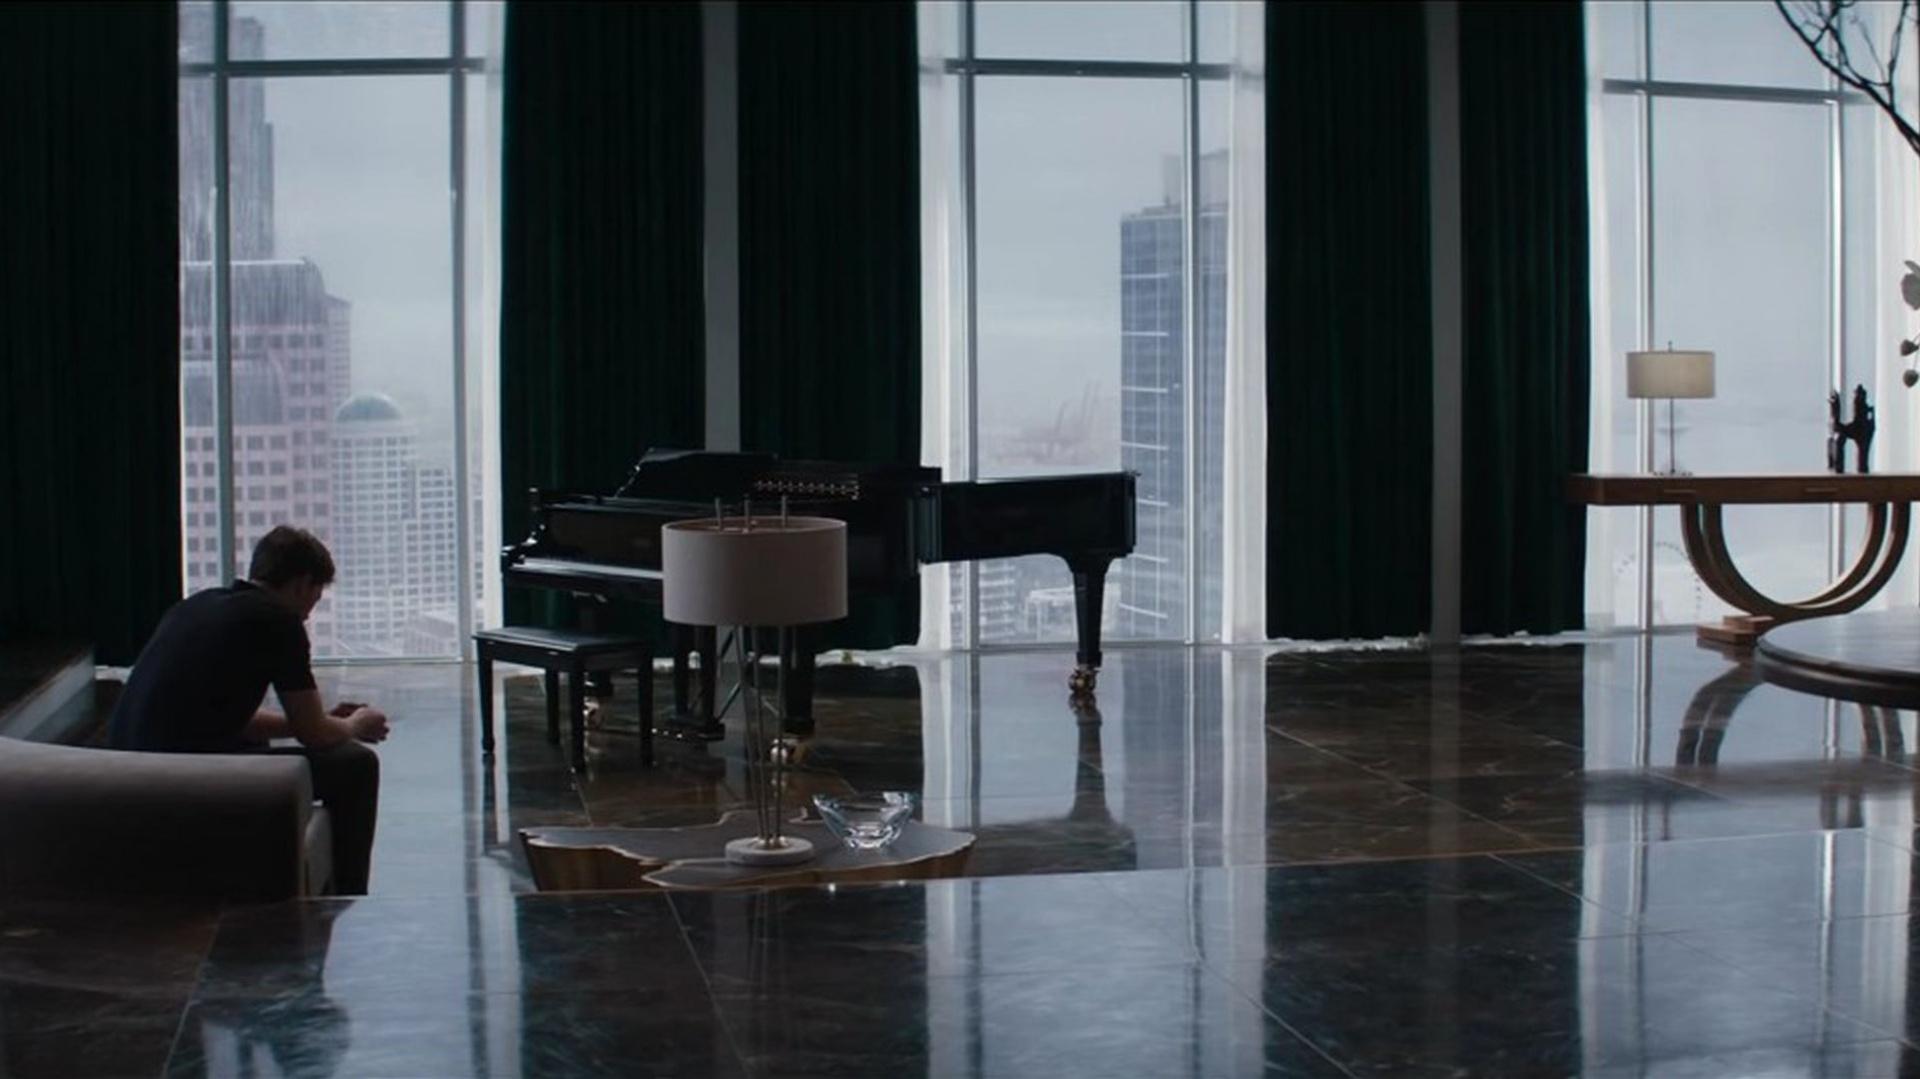 Apartament Greya Zobaczcie Zdjęcia Z Planu Filmowego